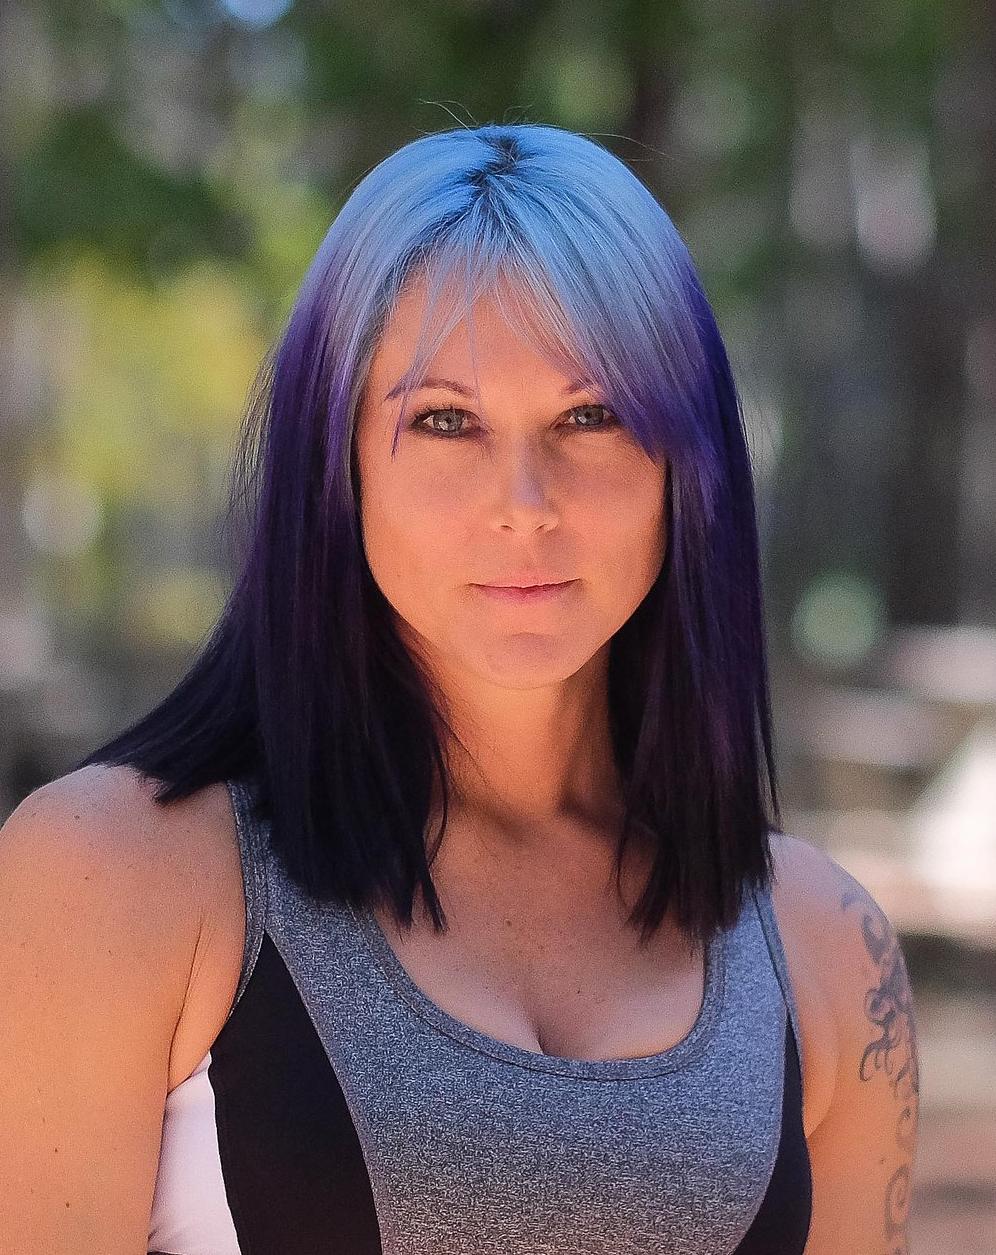 Shana Alverson